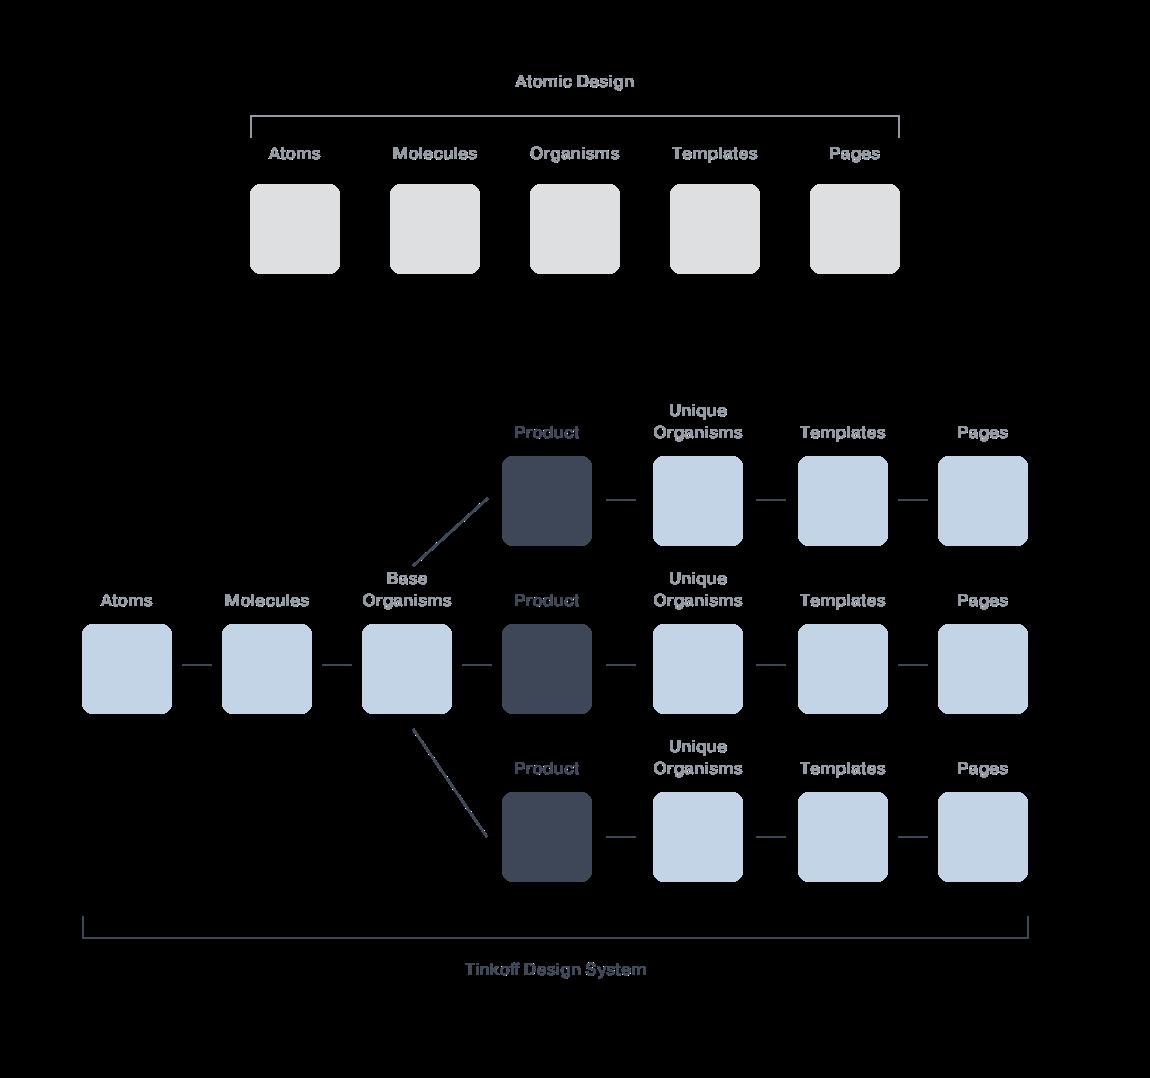 Проблемы React UI Kit-а и единой дизайн-системы, о которых вы не знали - 5